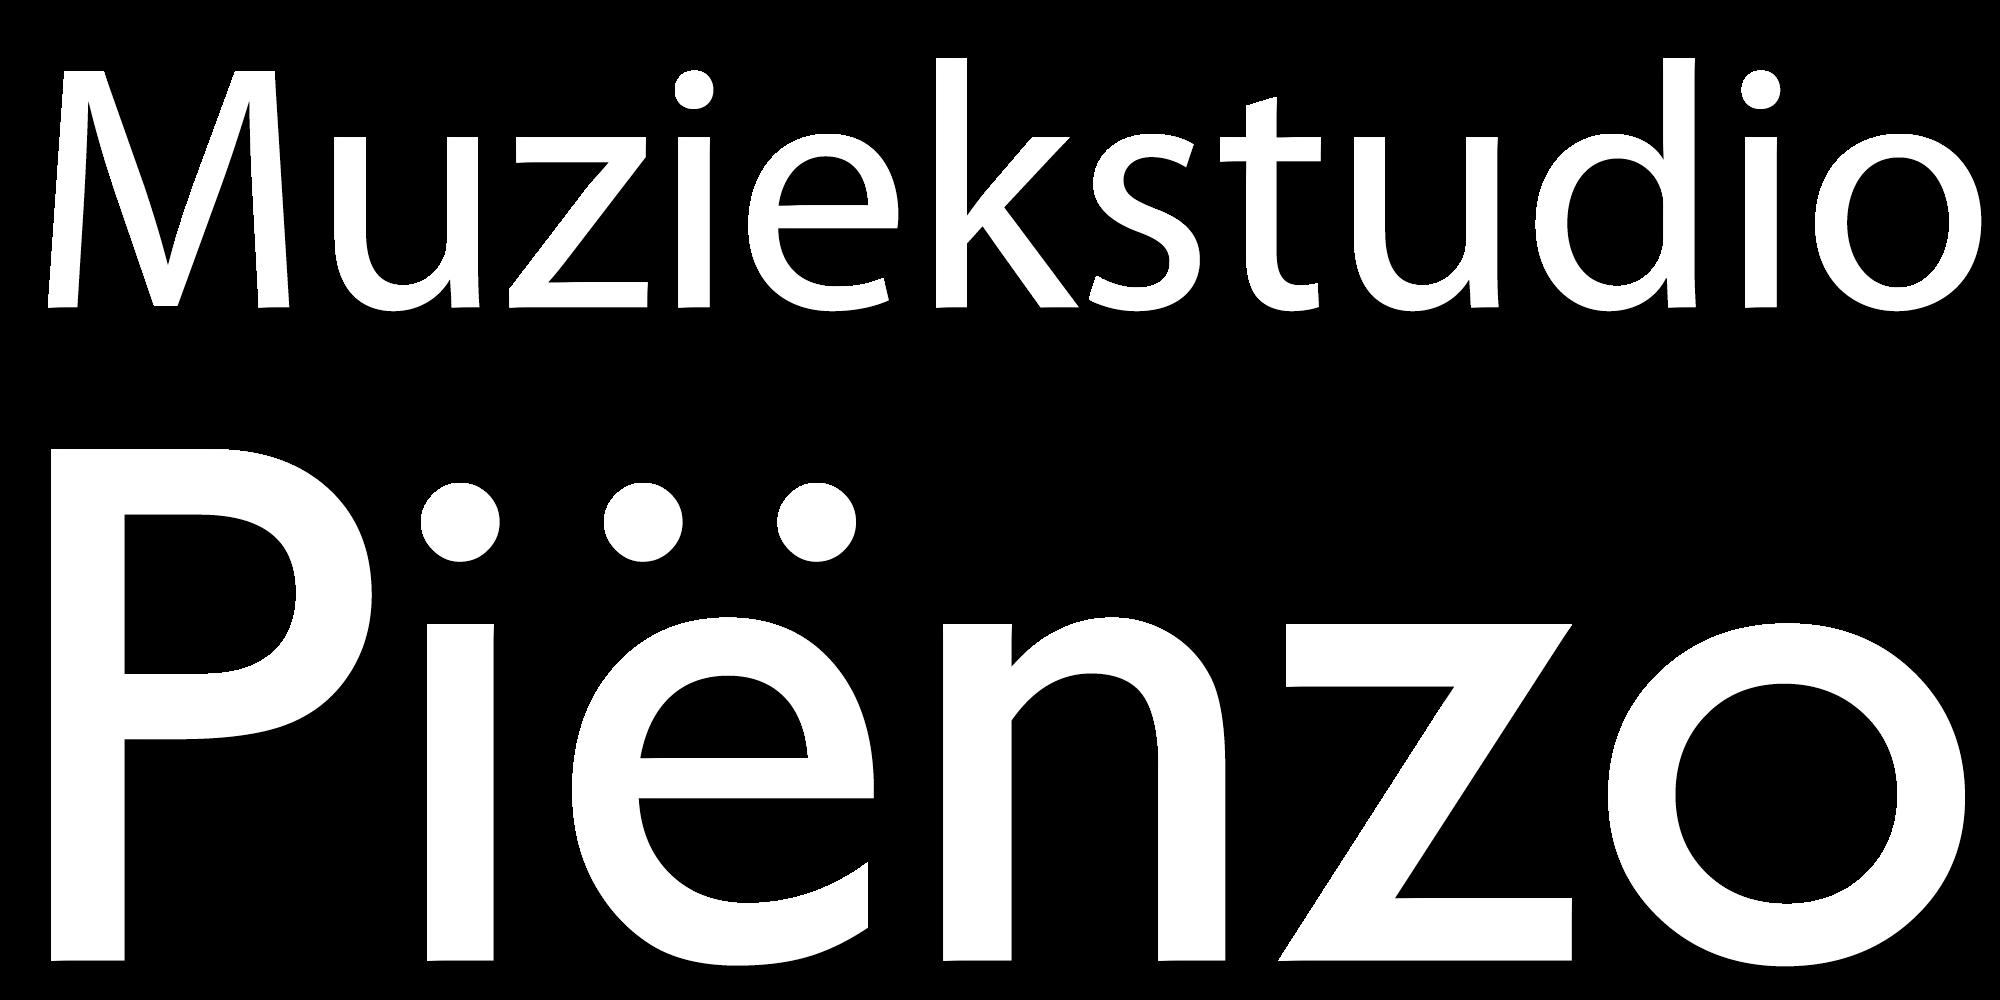 PienzoTekst-(2)-effe